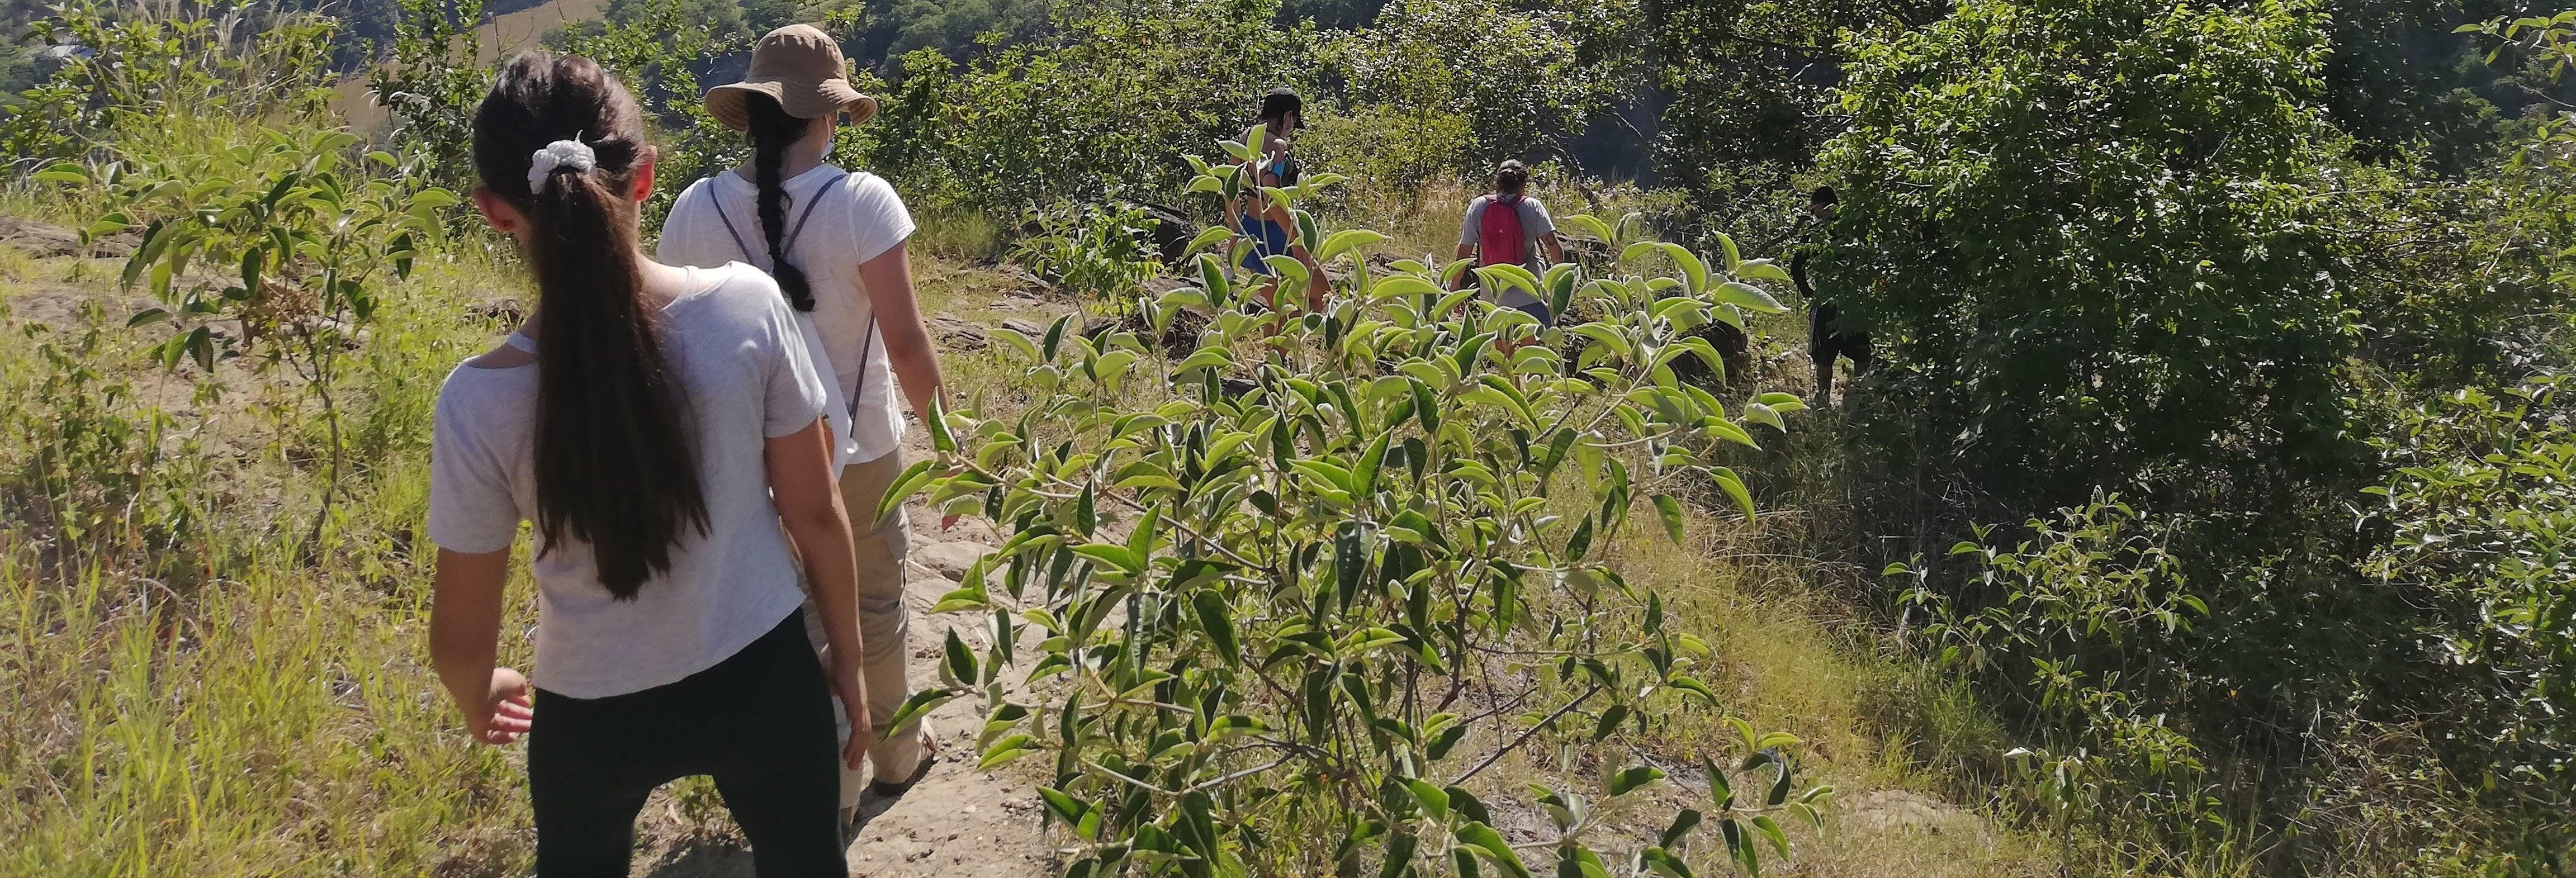 Senderismo por el cerro Cacao en Pelota